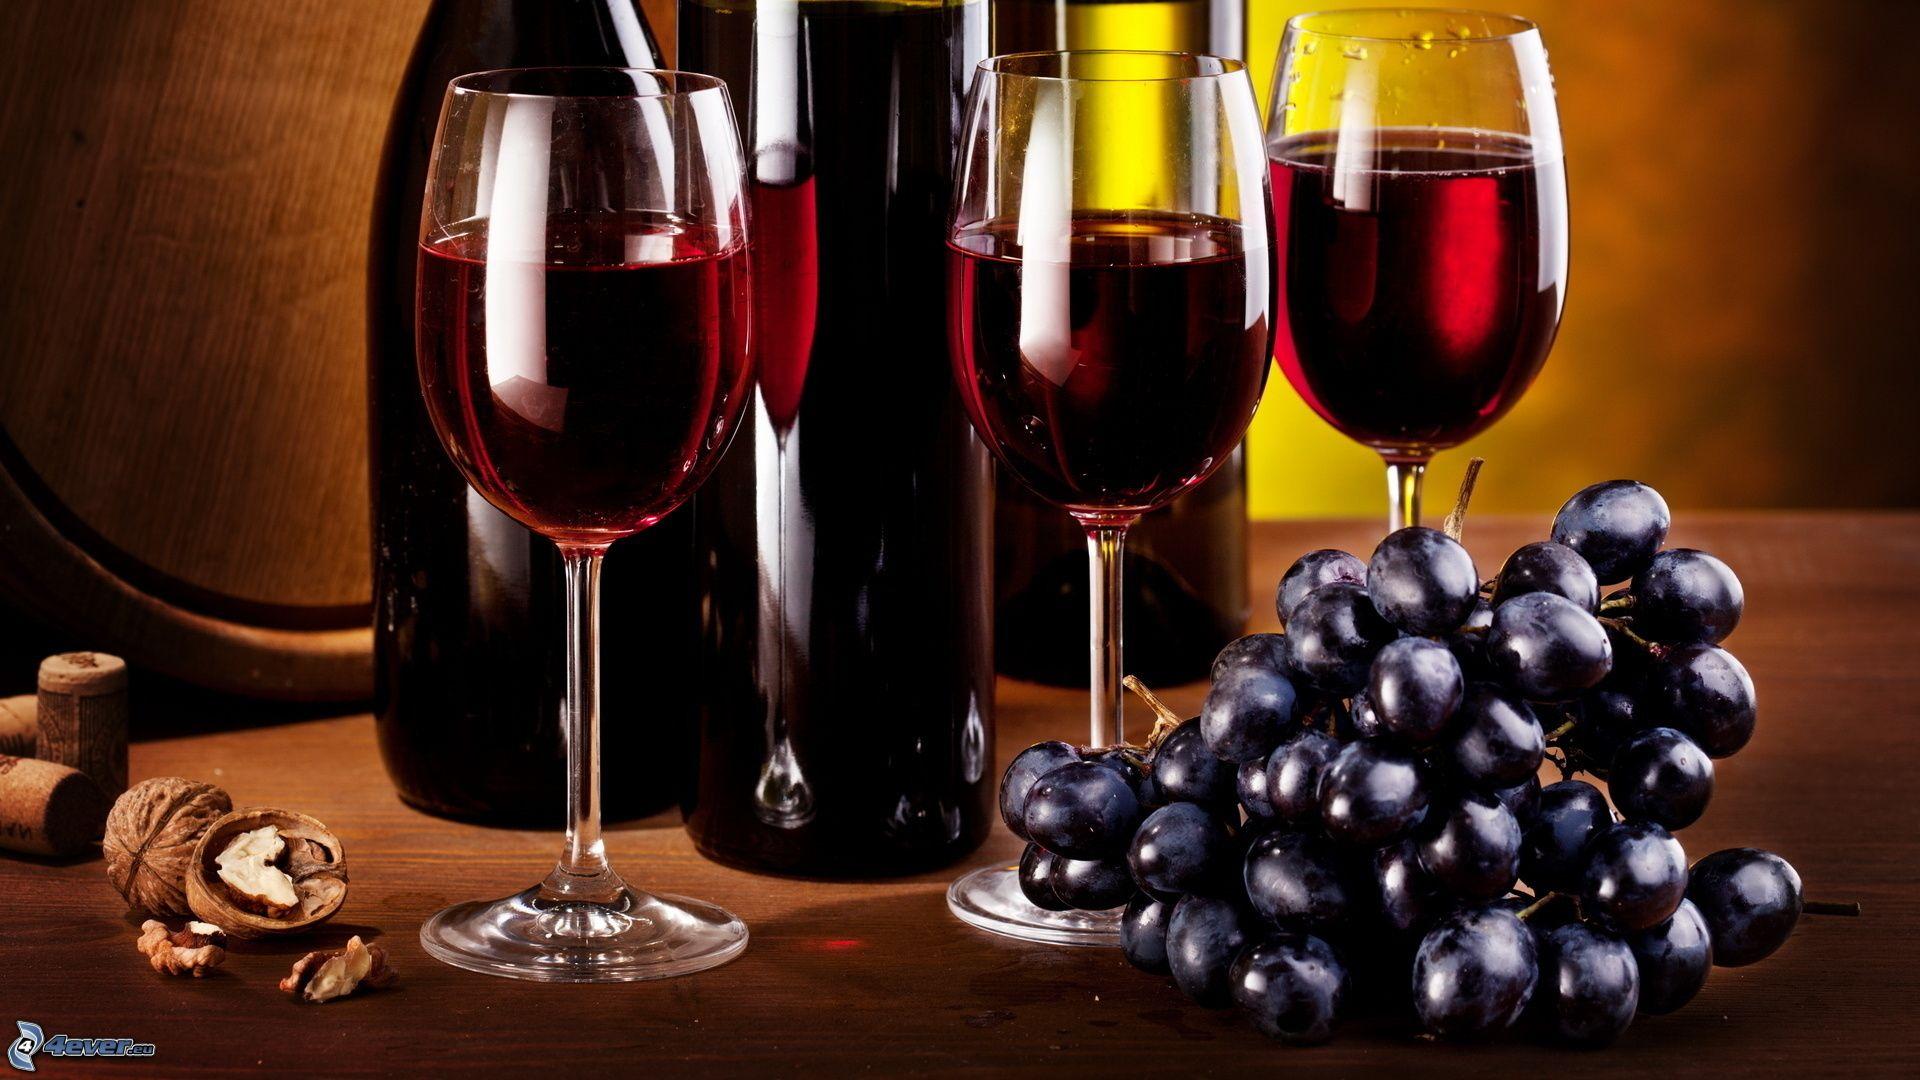 Achat vin bordeaux, la solution économique